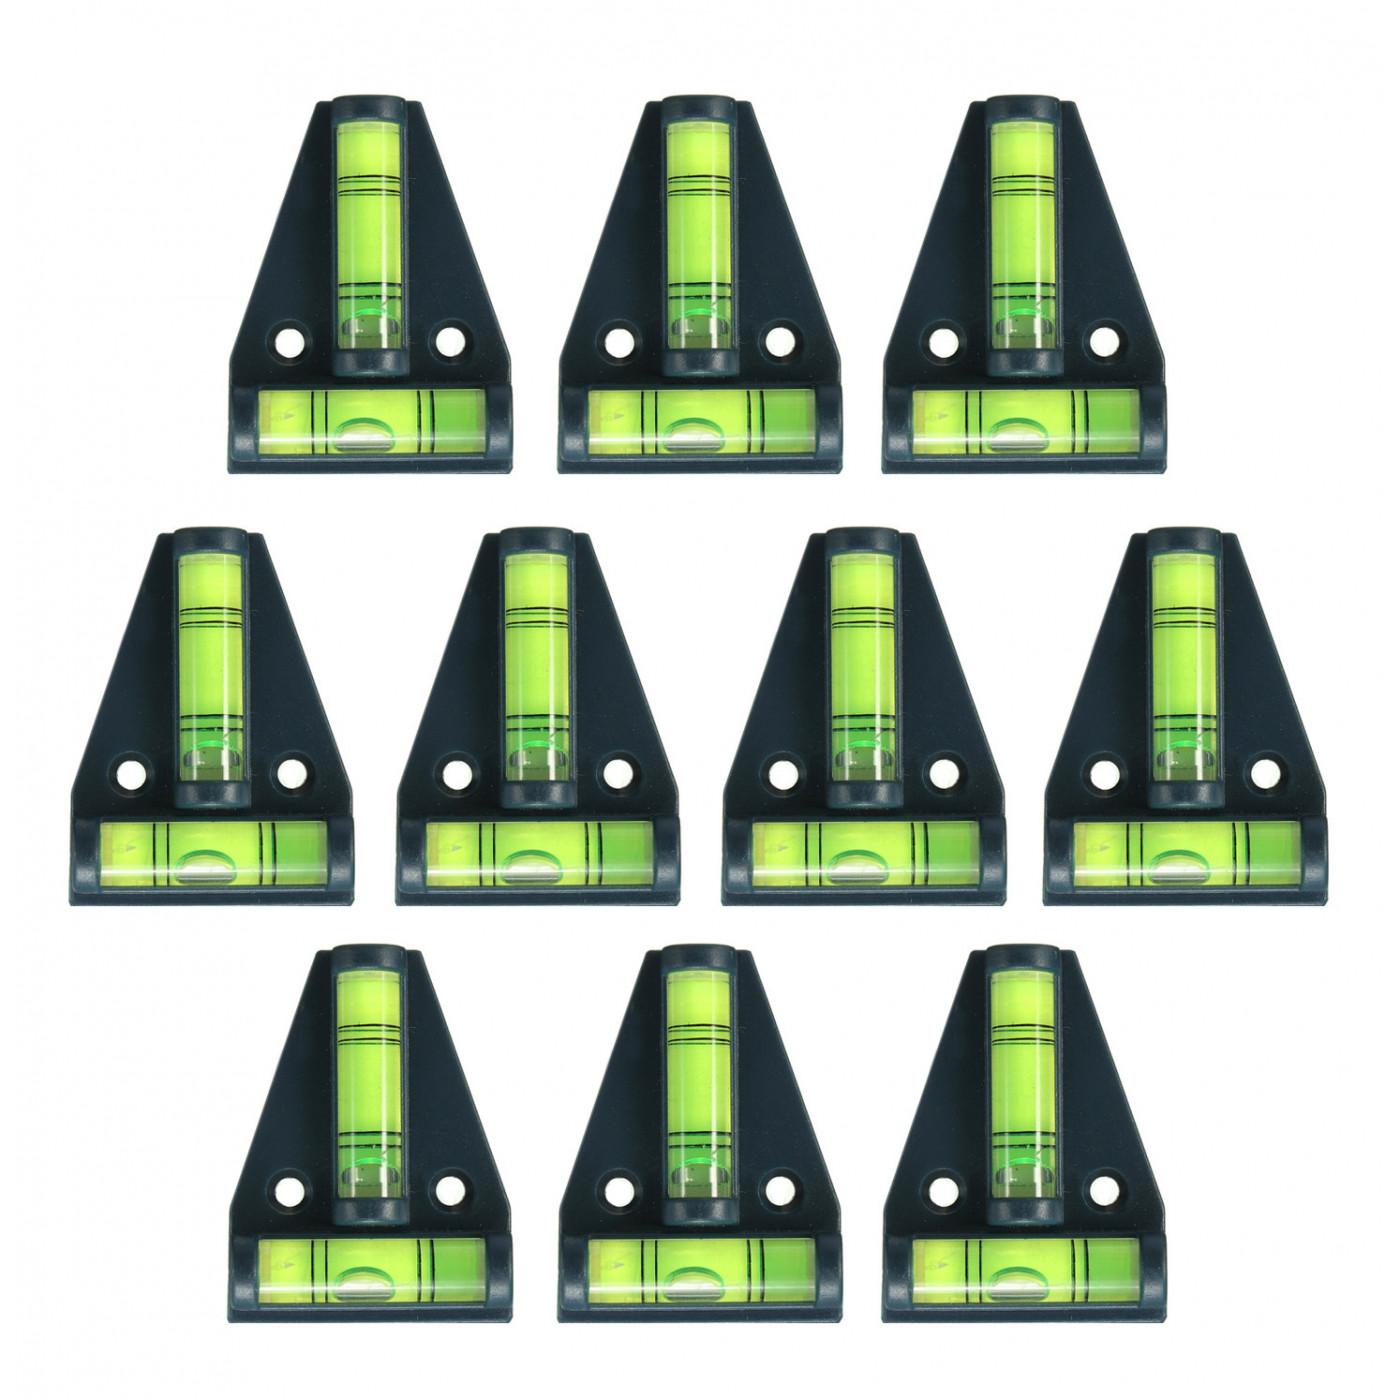 Set von 10 Wasserwaage mit Schraubenlöchern (schwarz)  - 1